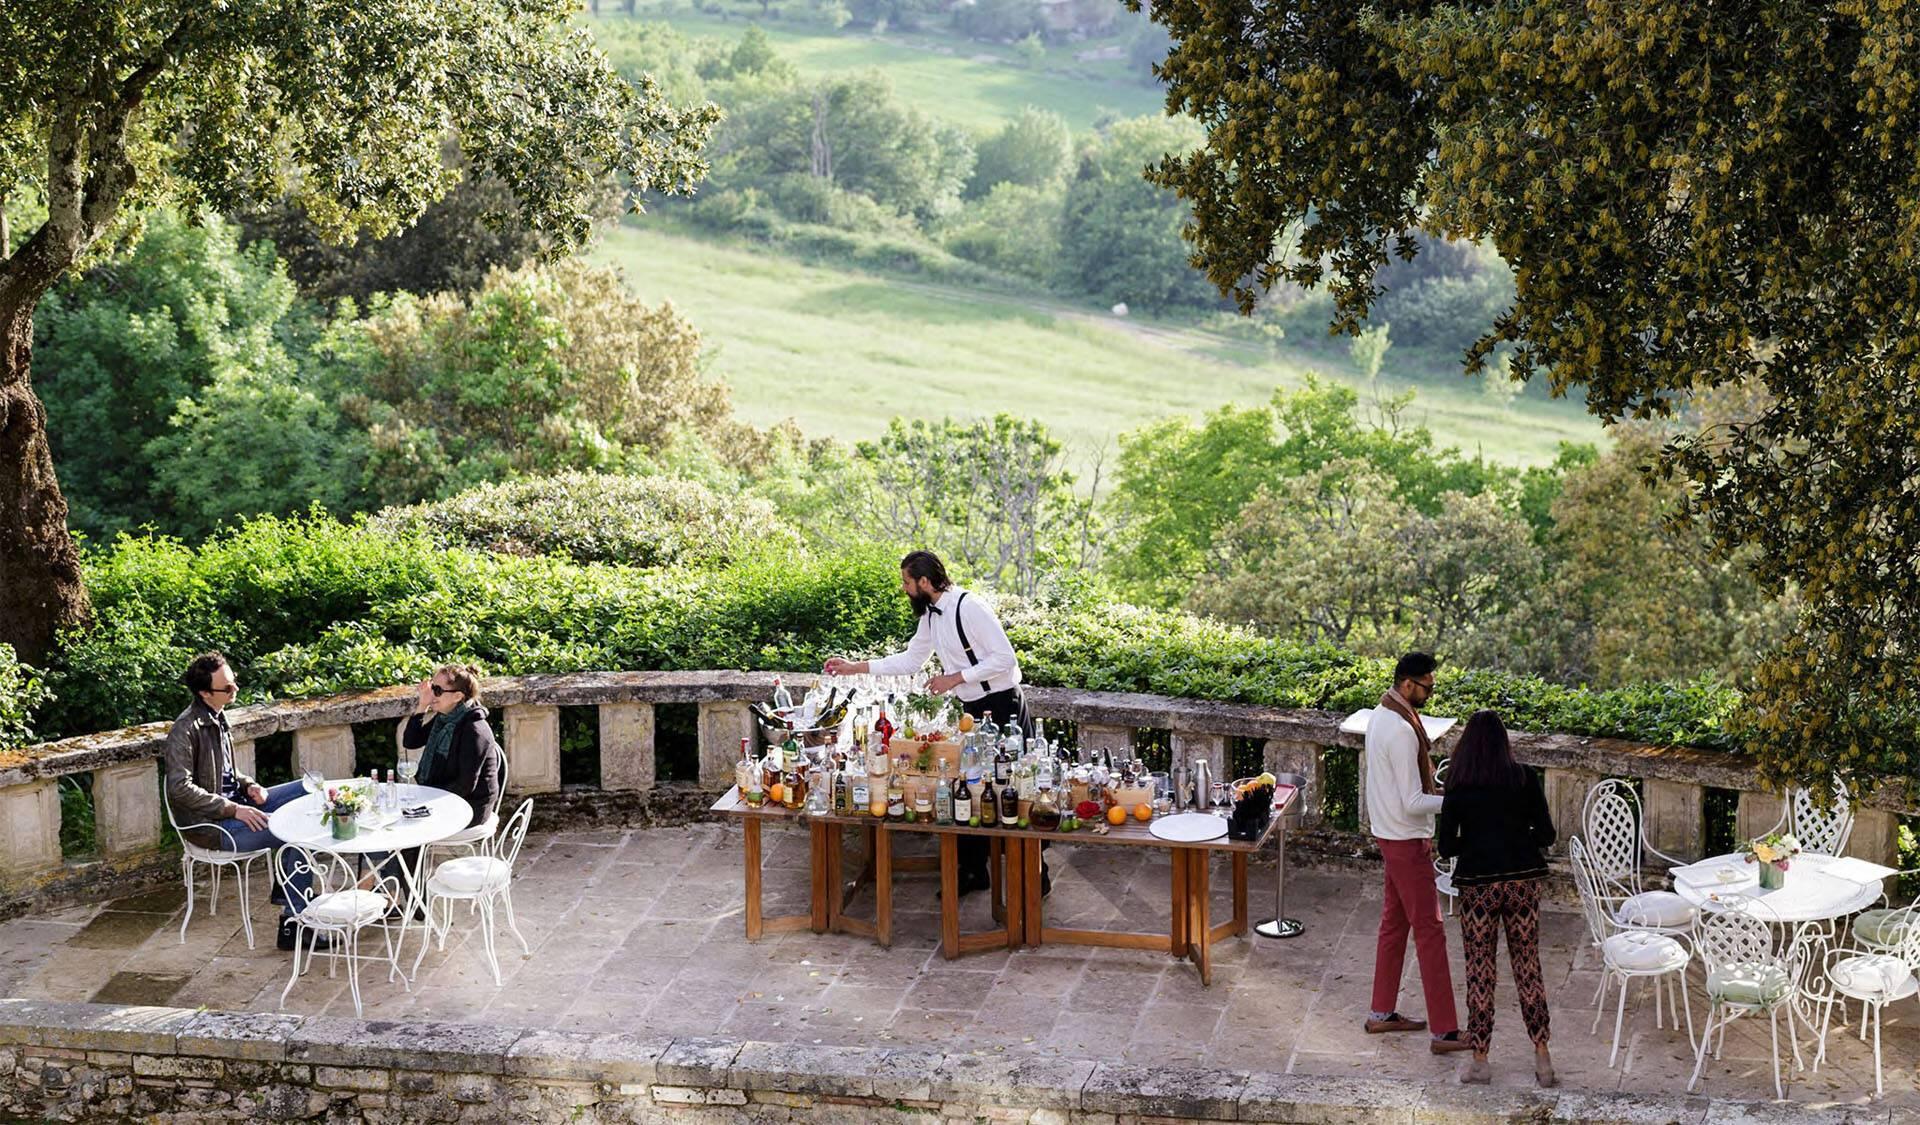 Borgo Pignano Toscane Aperitivo